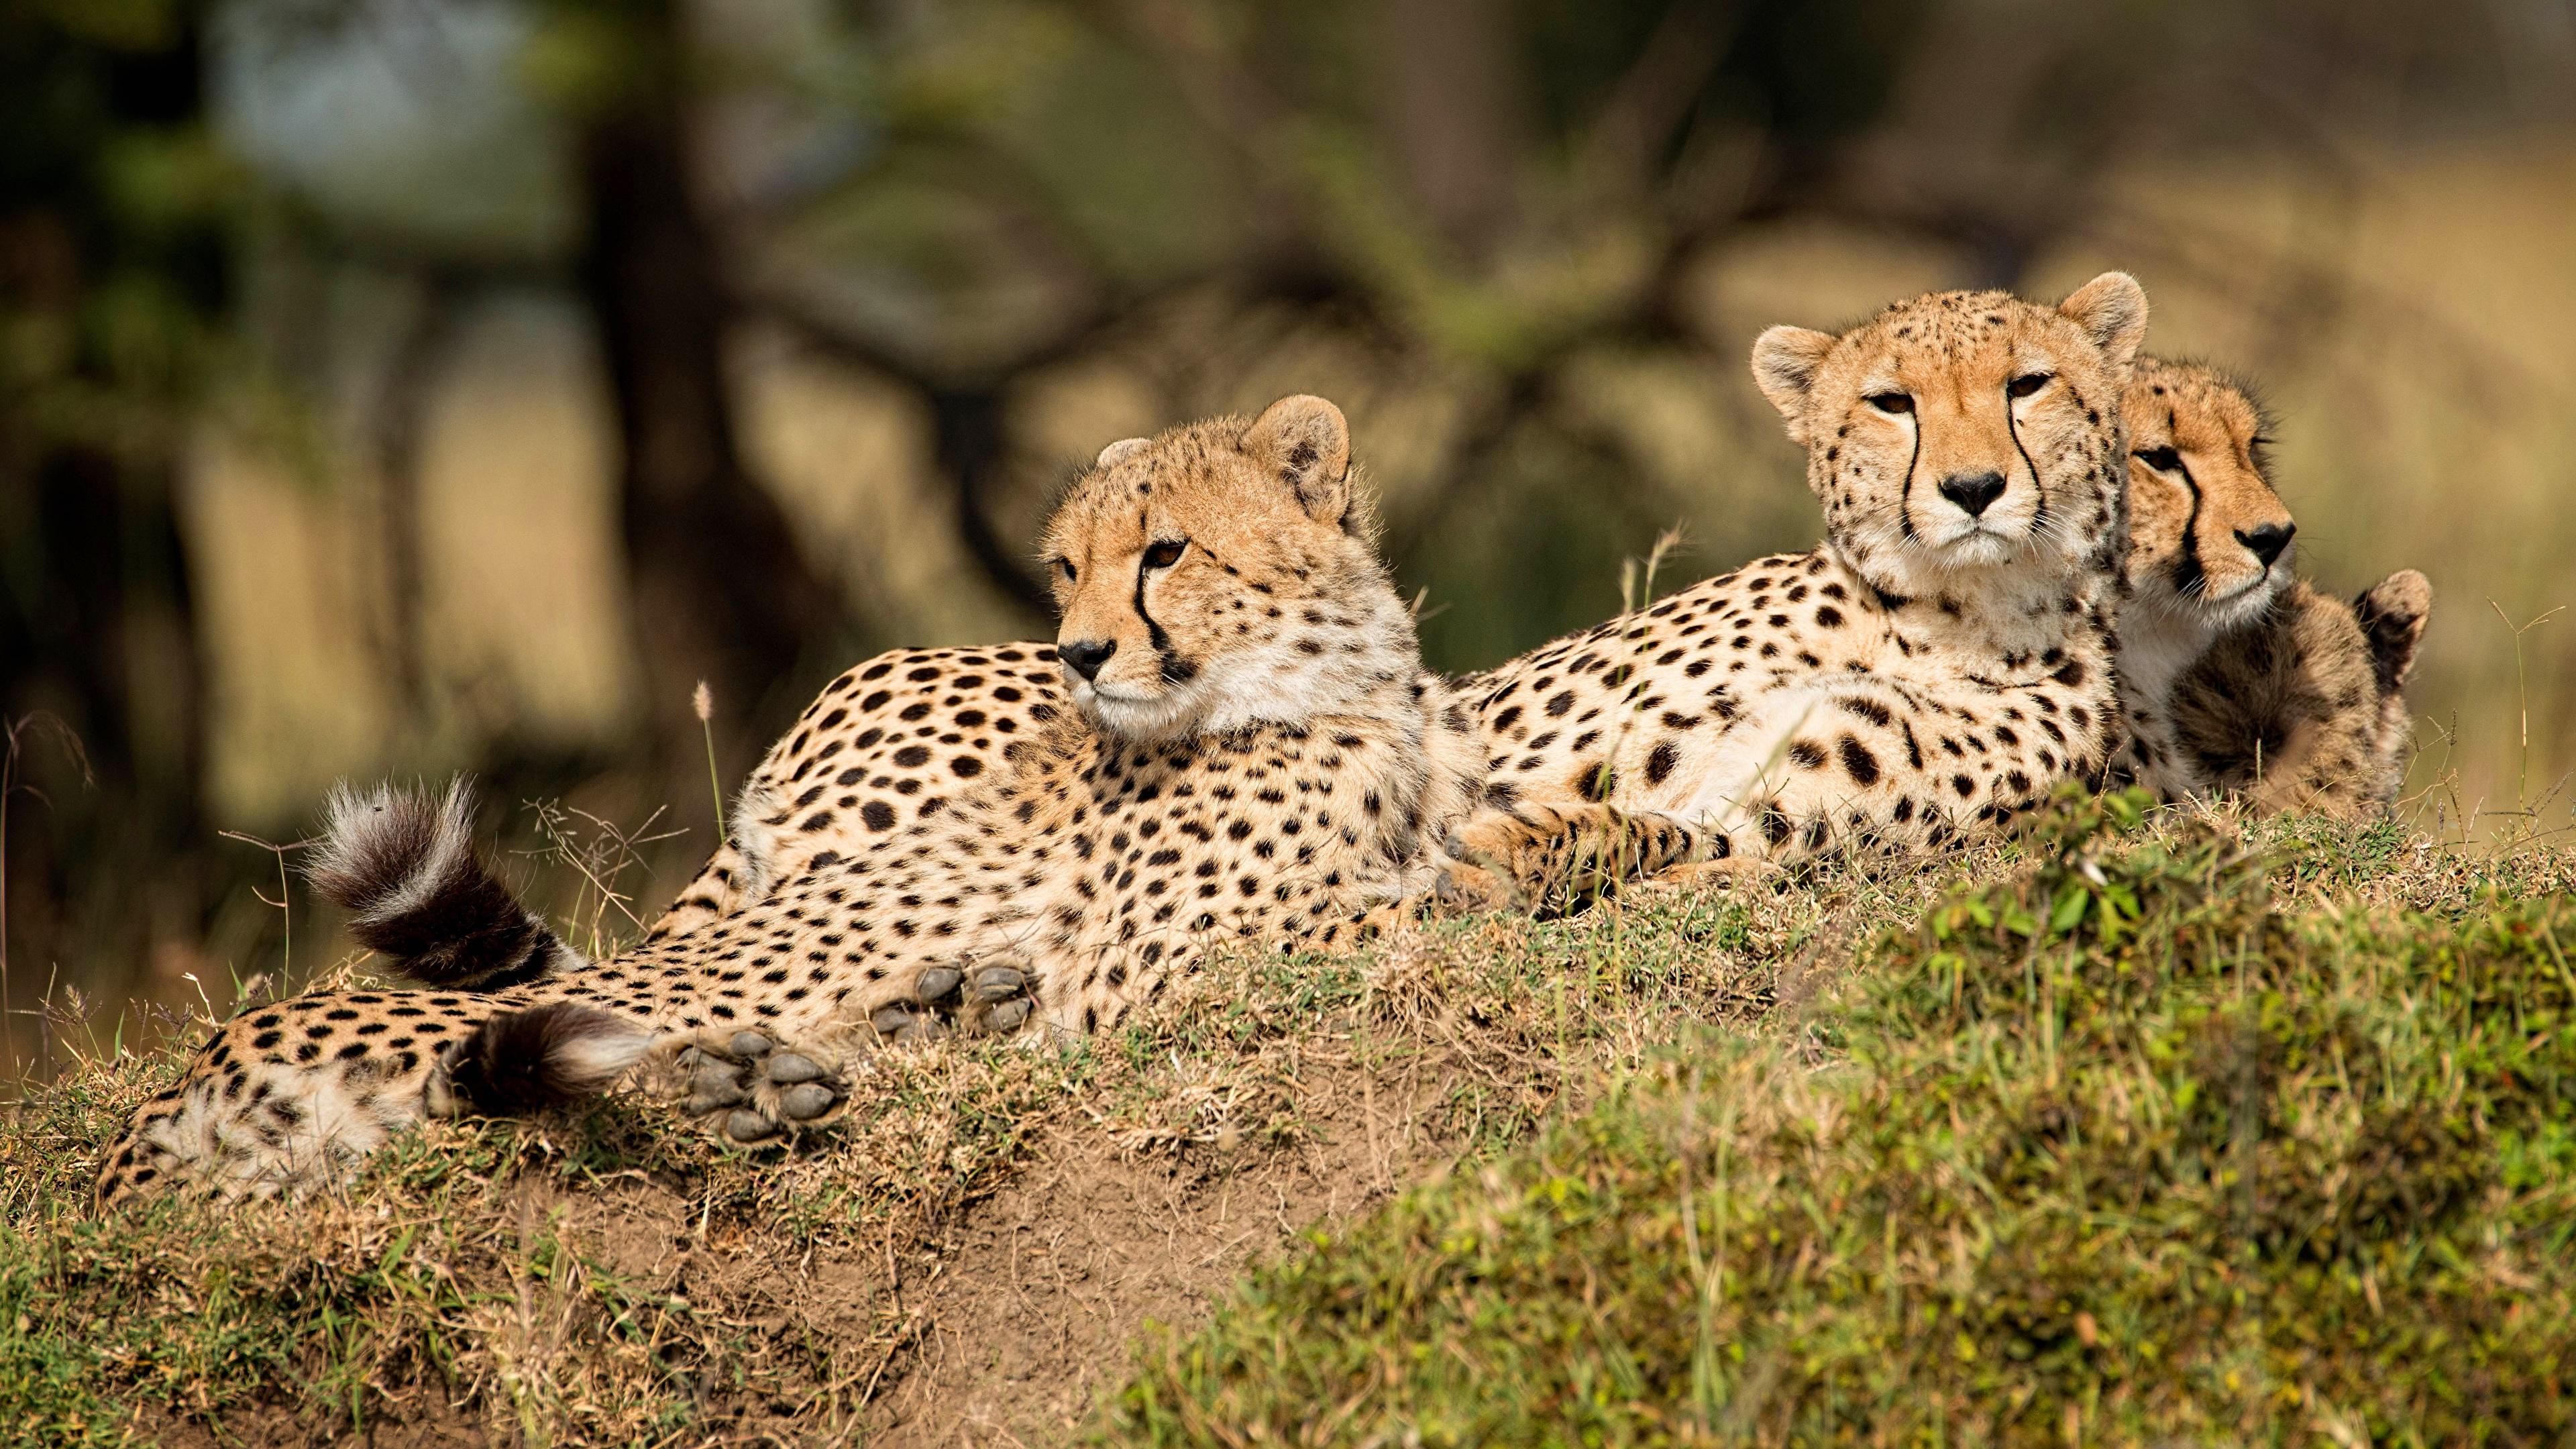 Фотографии Леопарды втроем животное 3840x2160 леопард три Трое 3 Животные